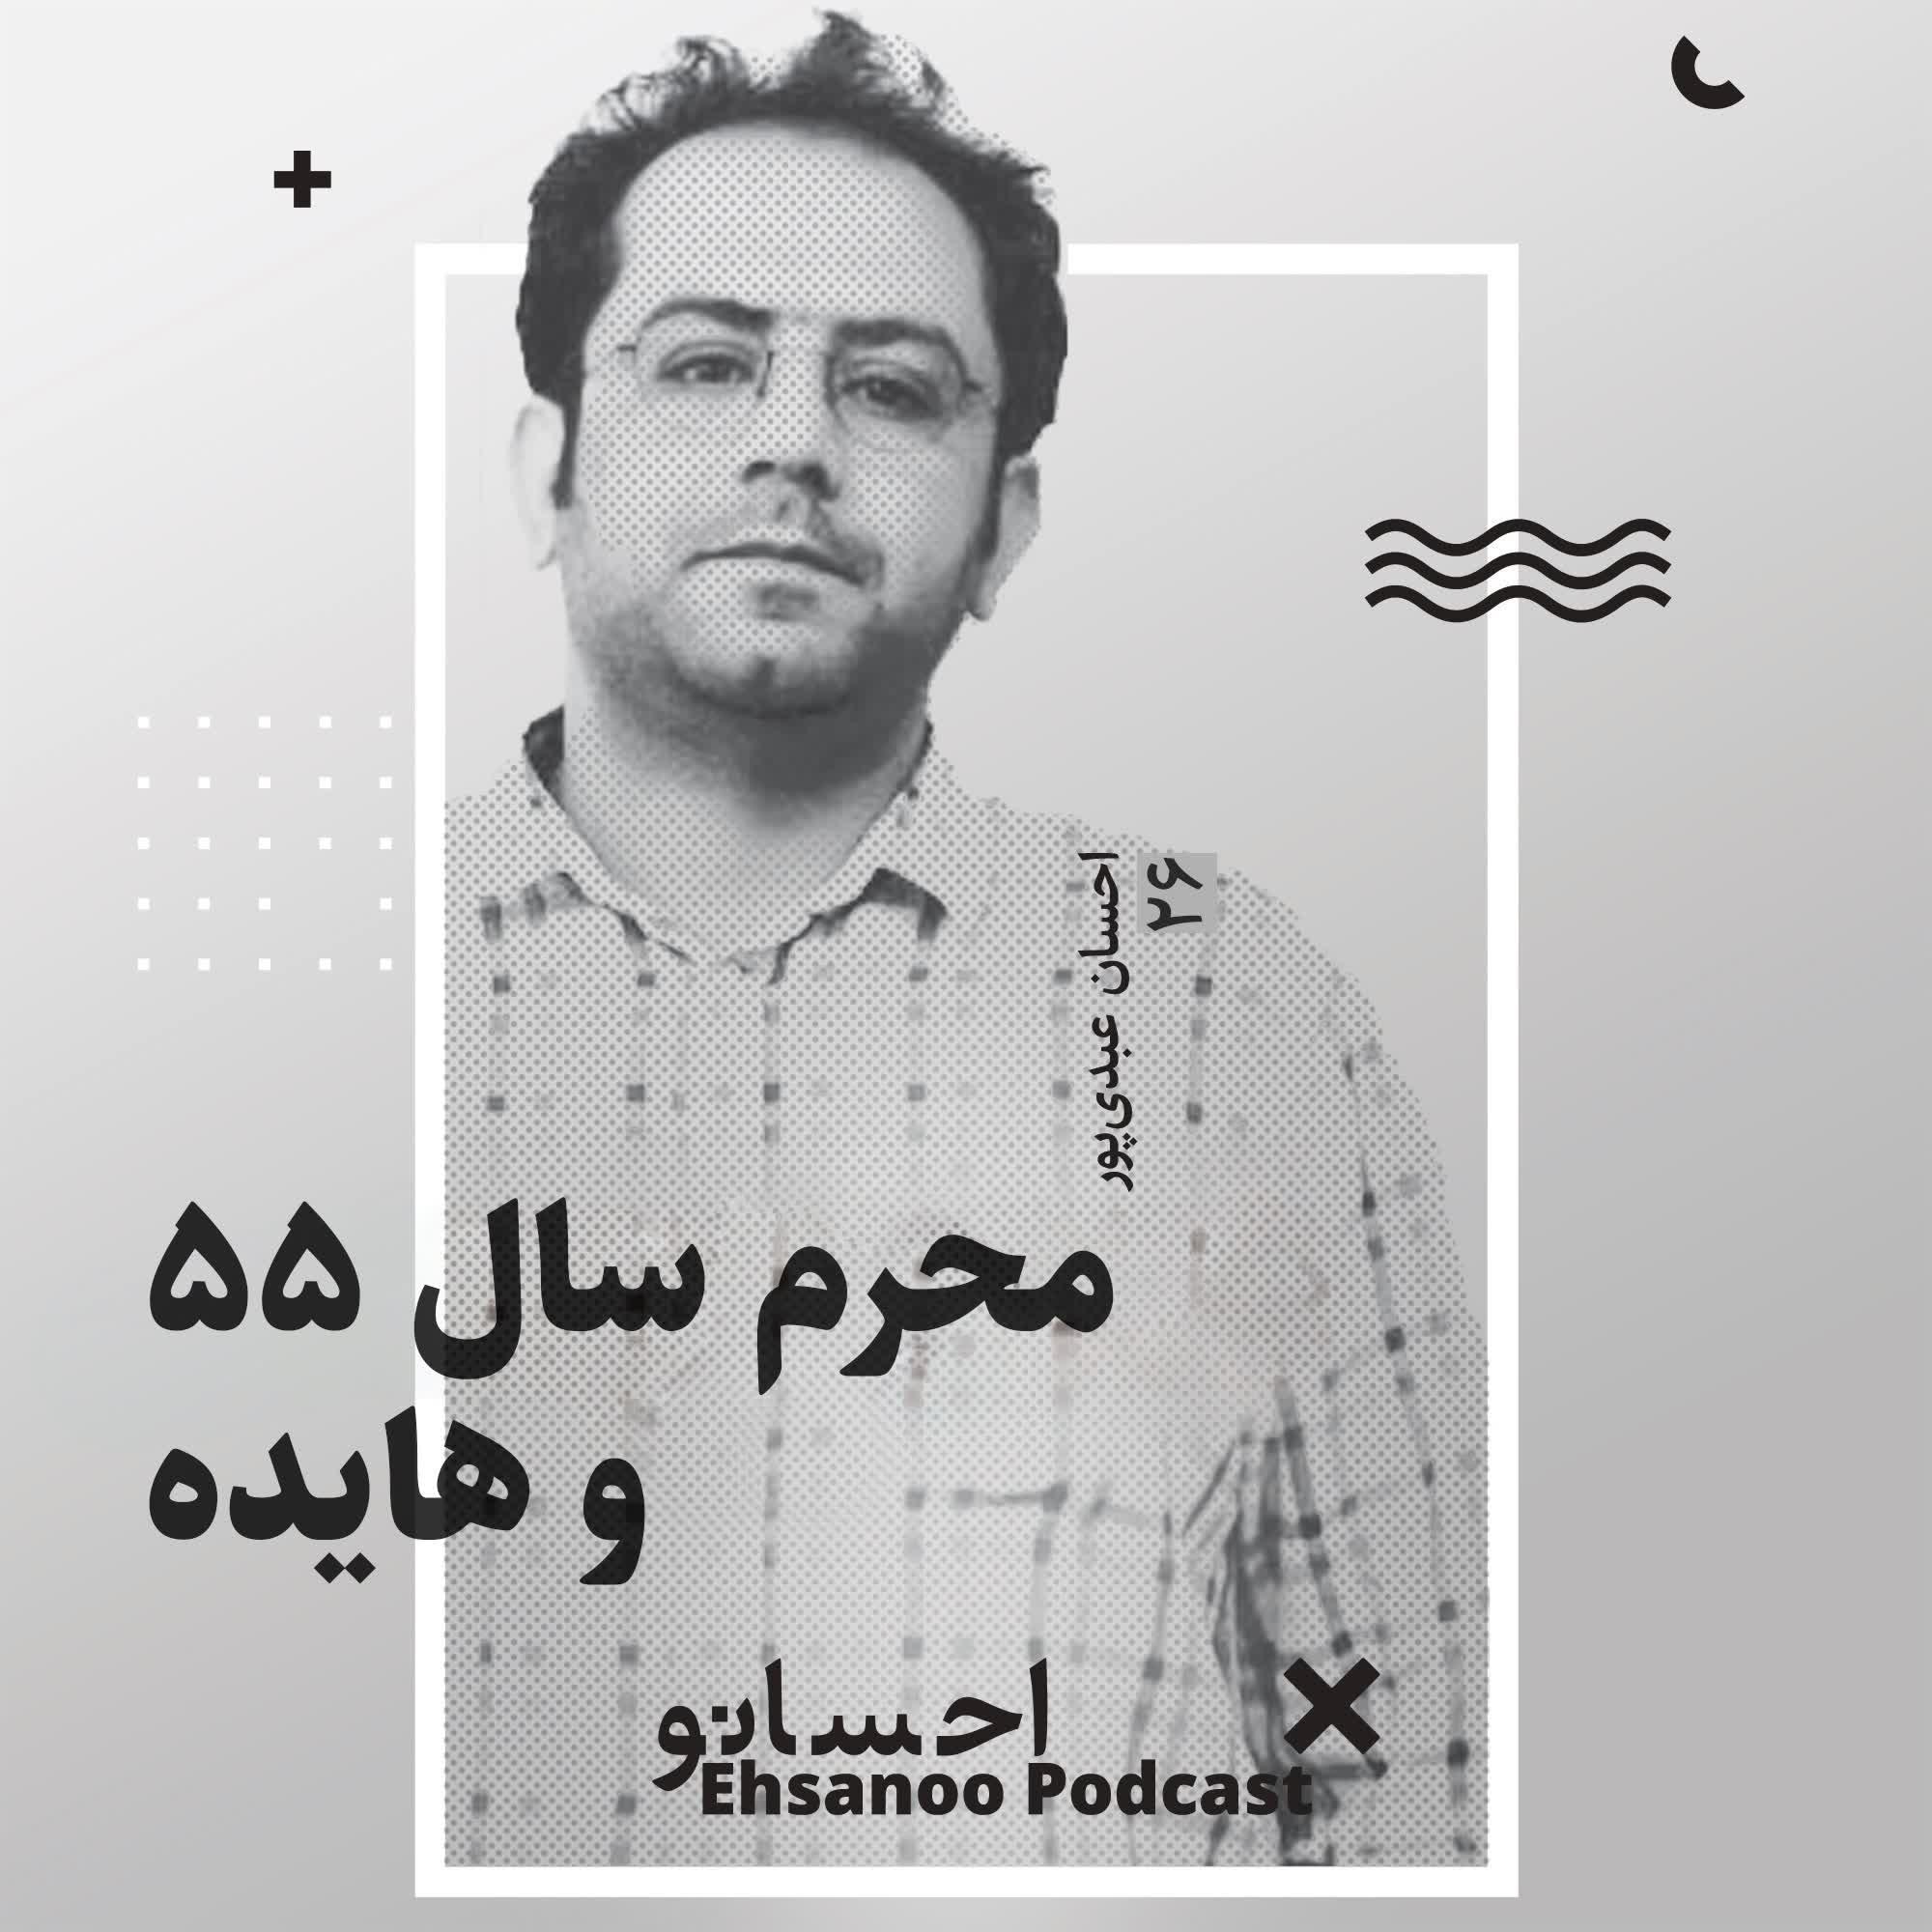 محرم ۵۵ و نوحهخوونی هایده در بوشهر